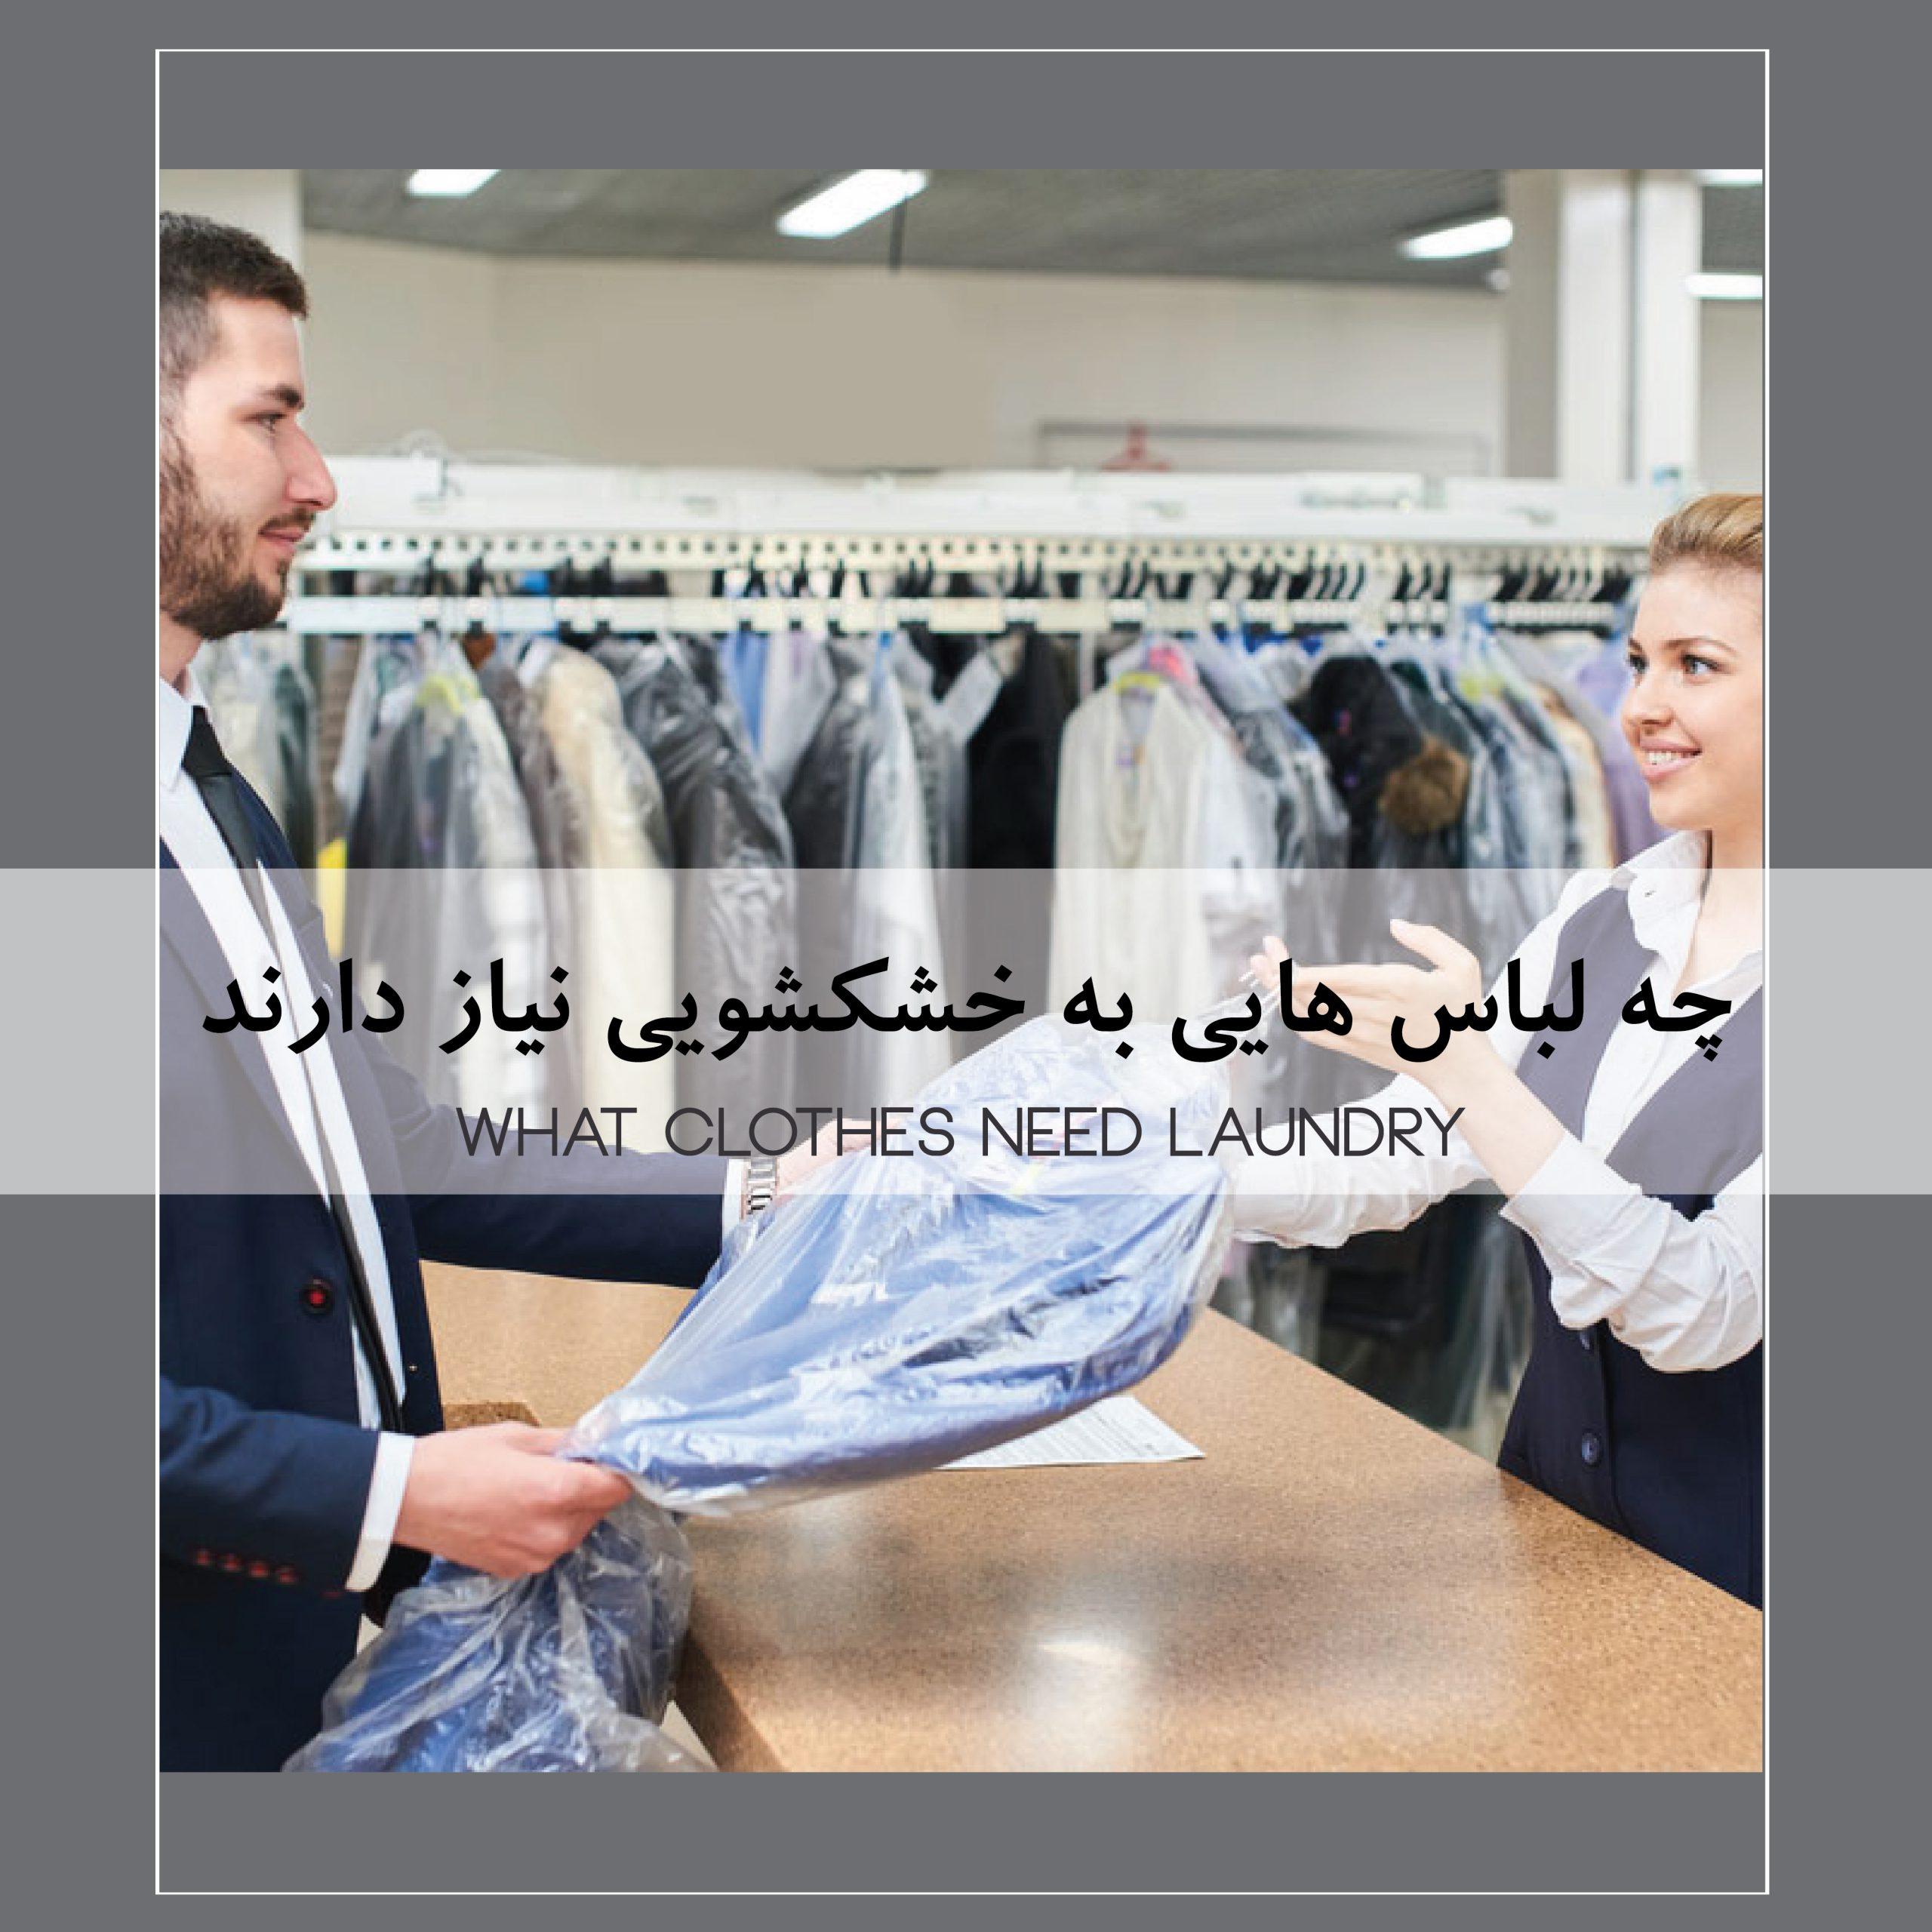 چه لباس هایی به خشکشویی نیازدارند